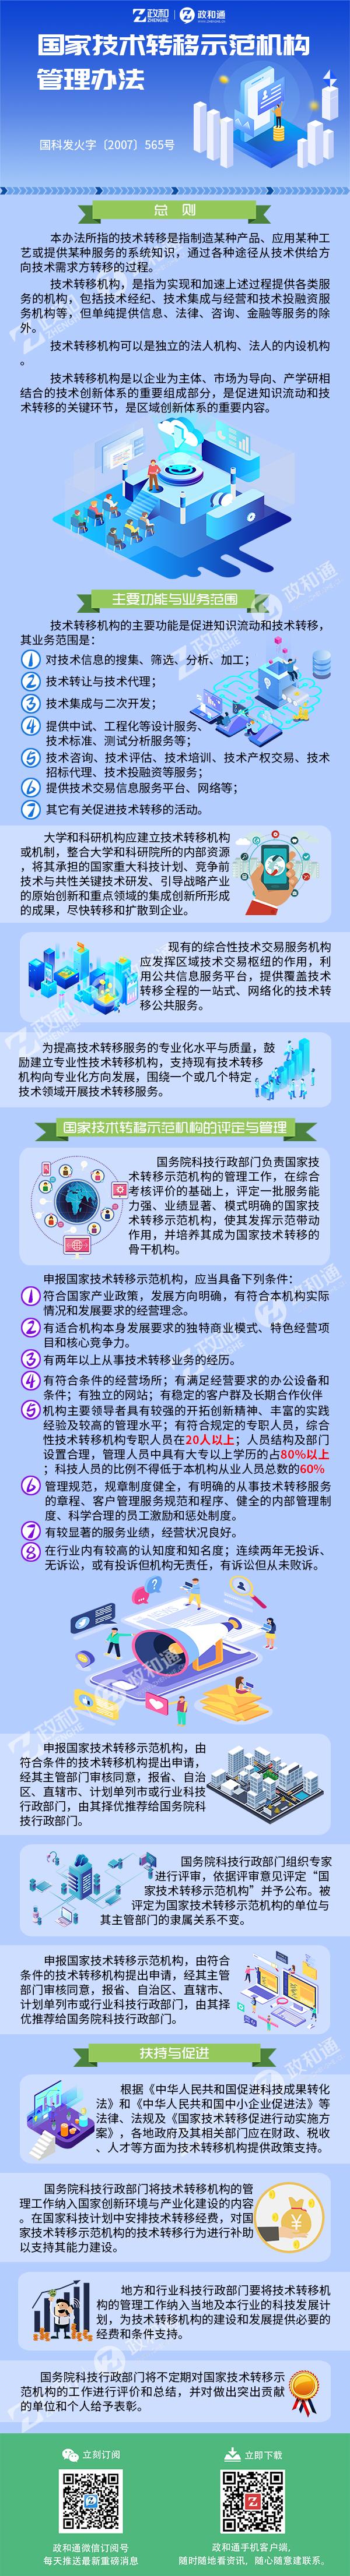 国家技术转移示范机构管理办法tushuo.jpg